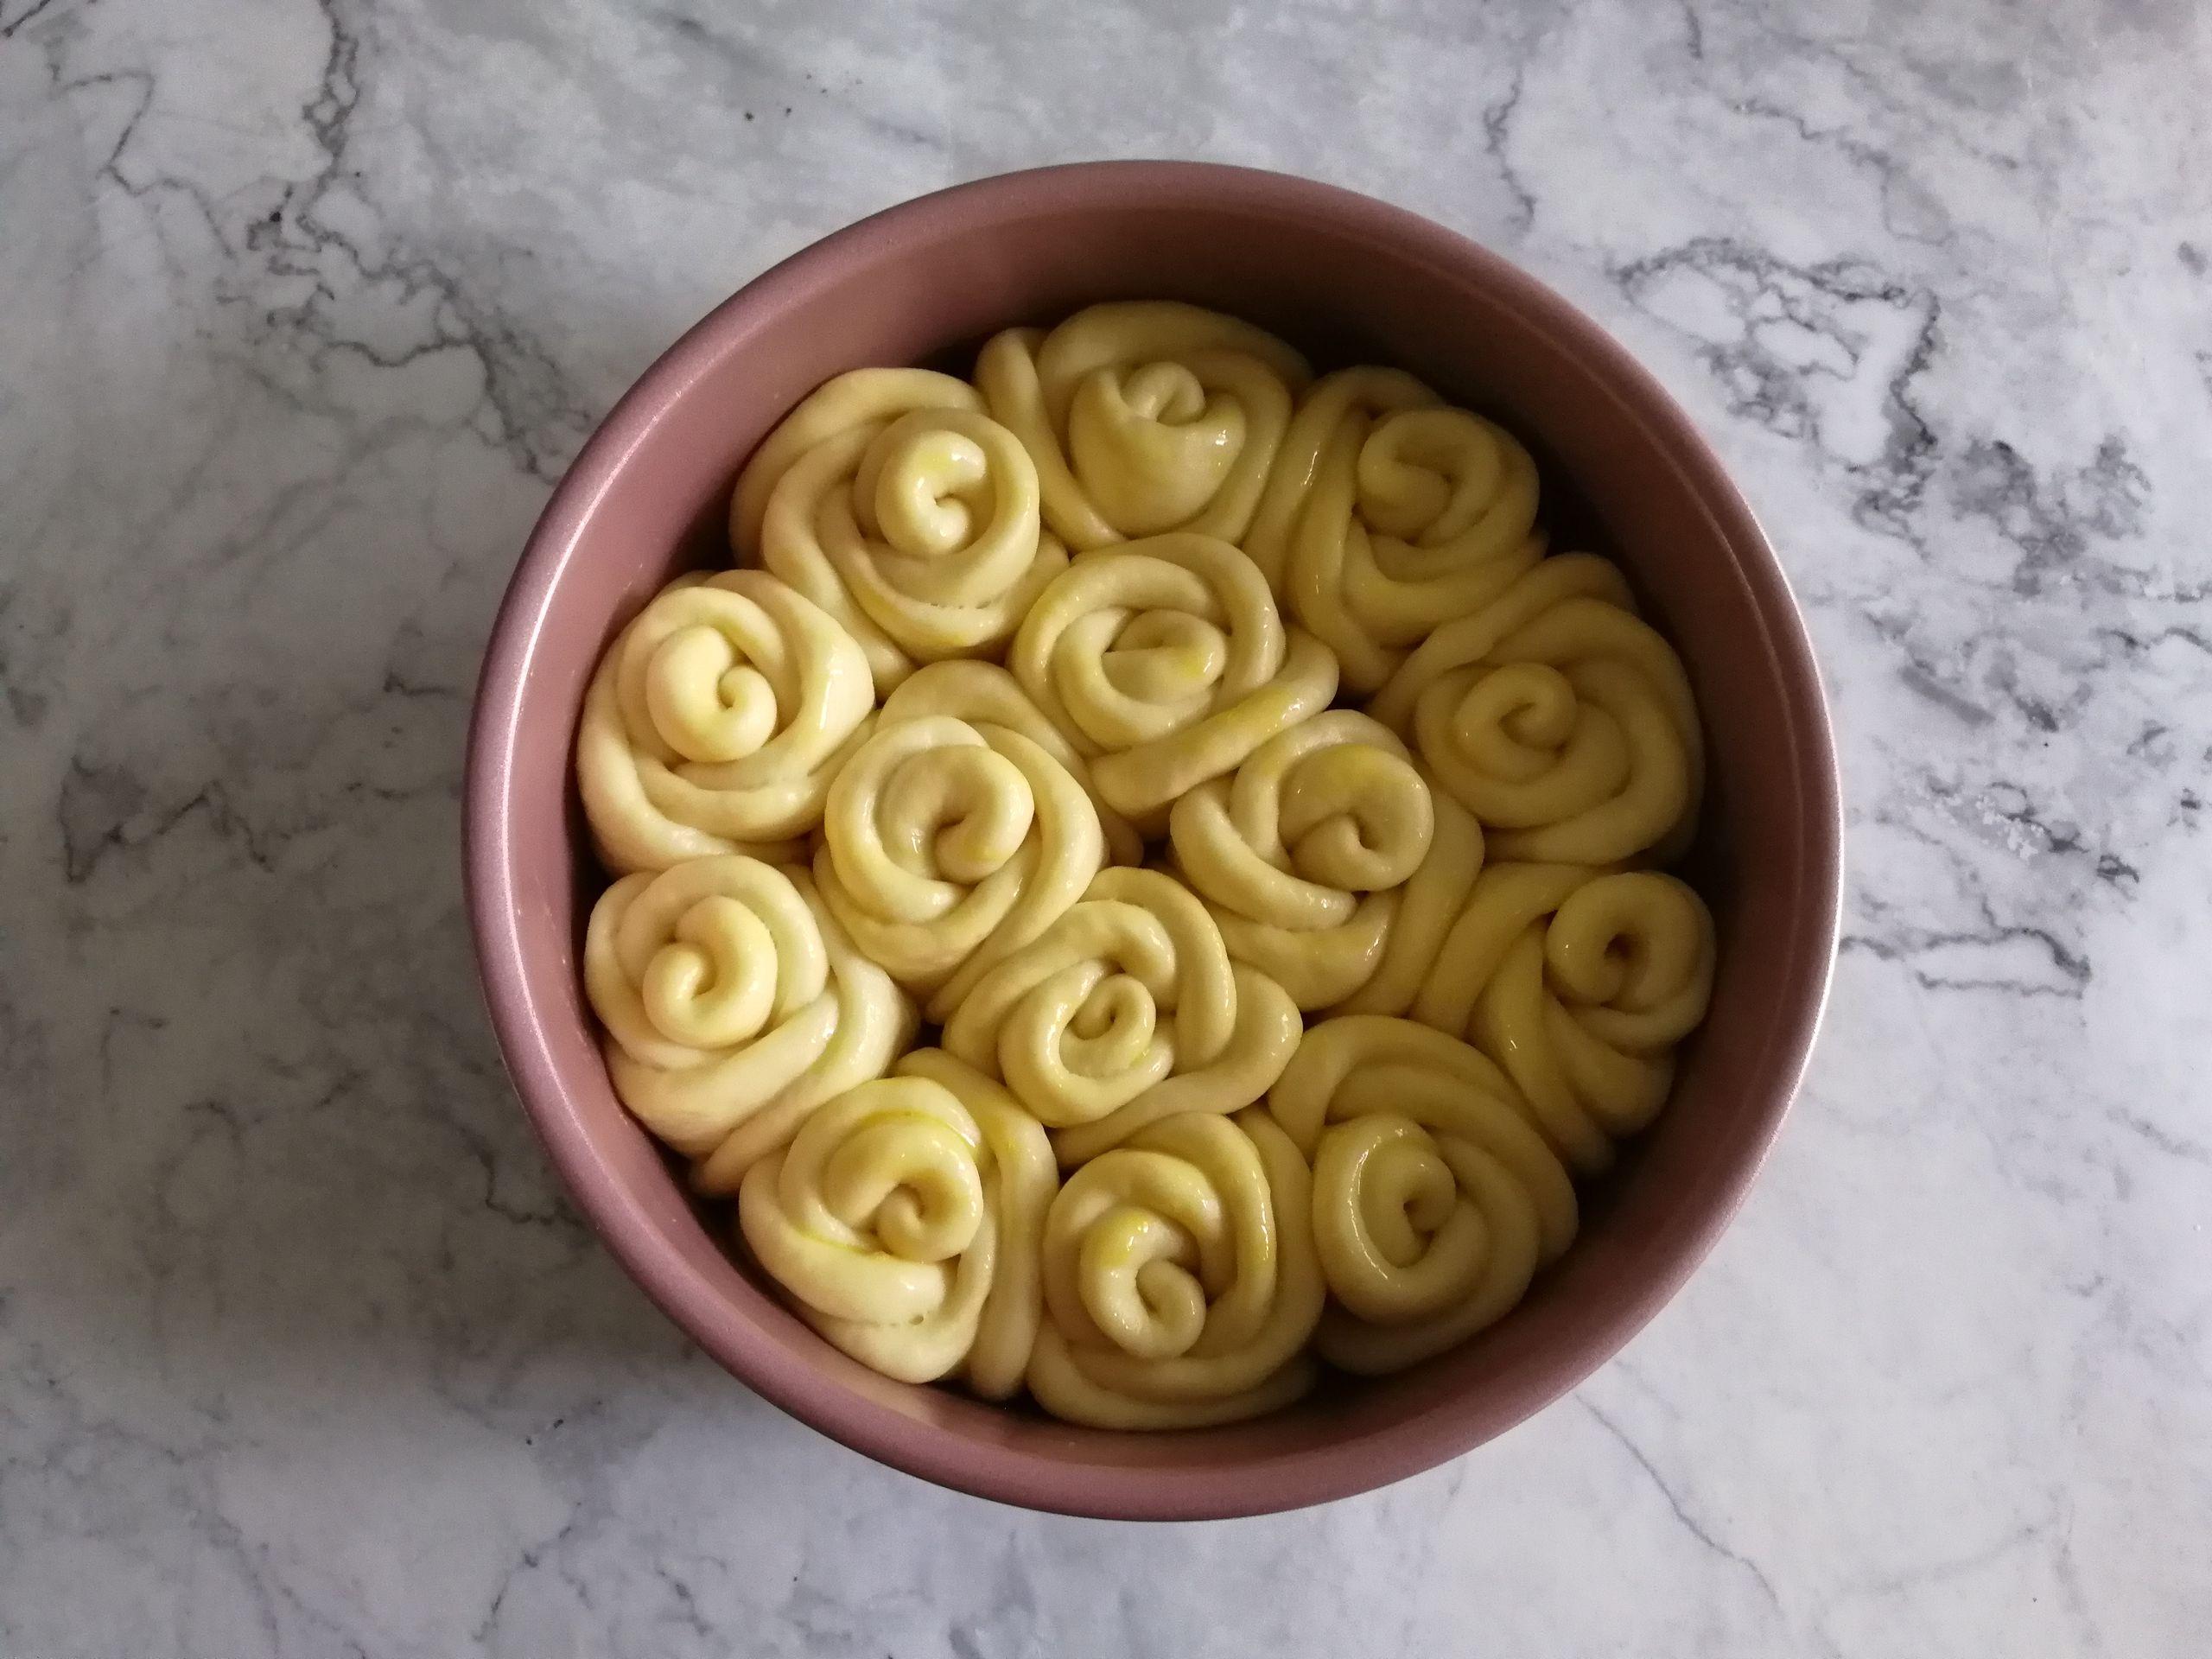 玫瑰花挤挤面包怎样炖